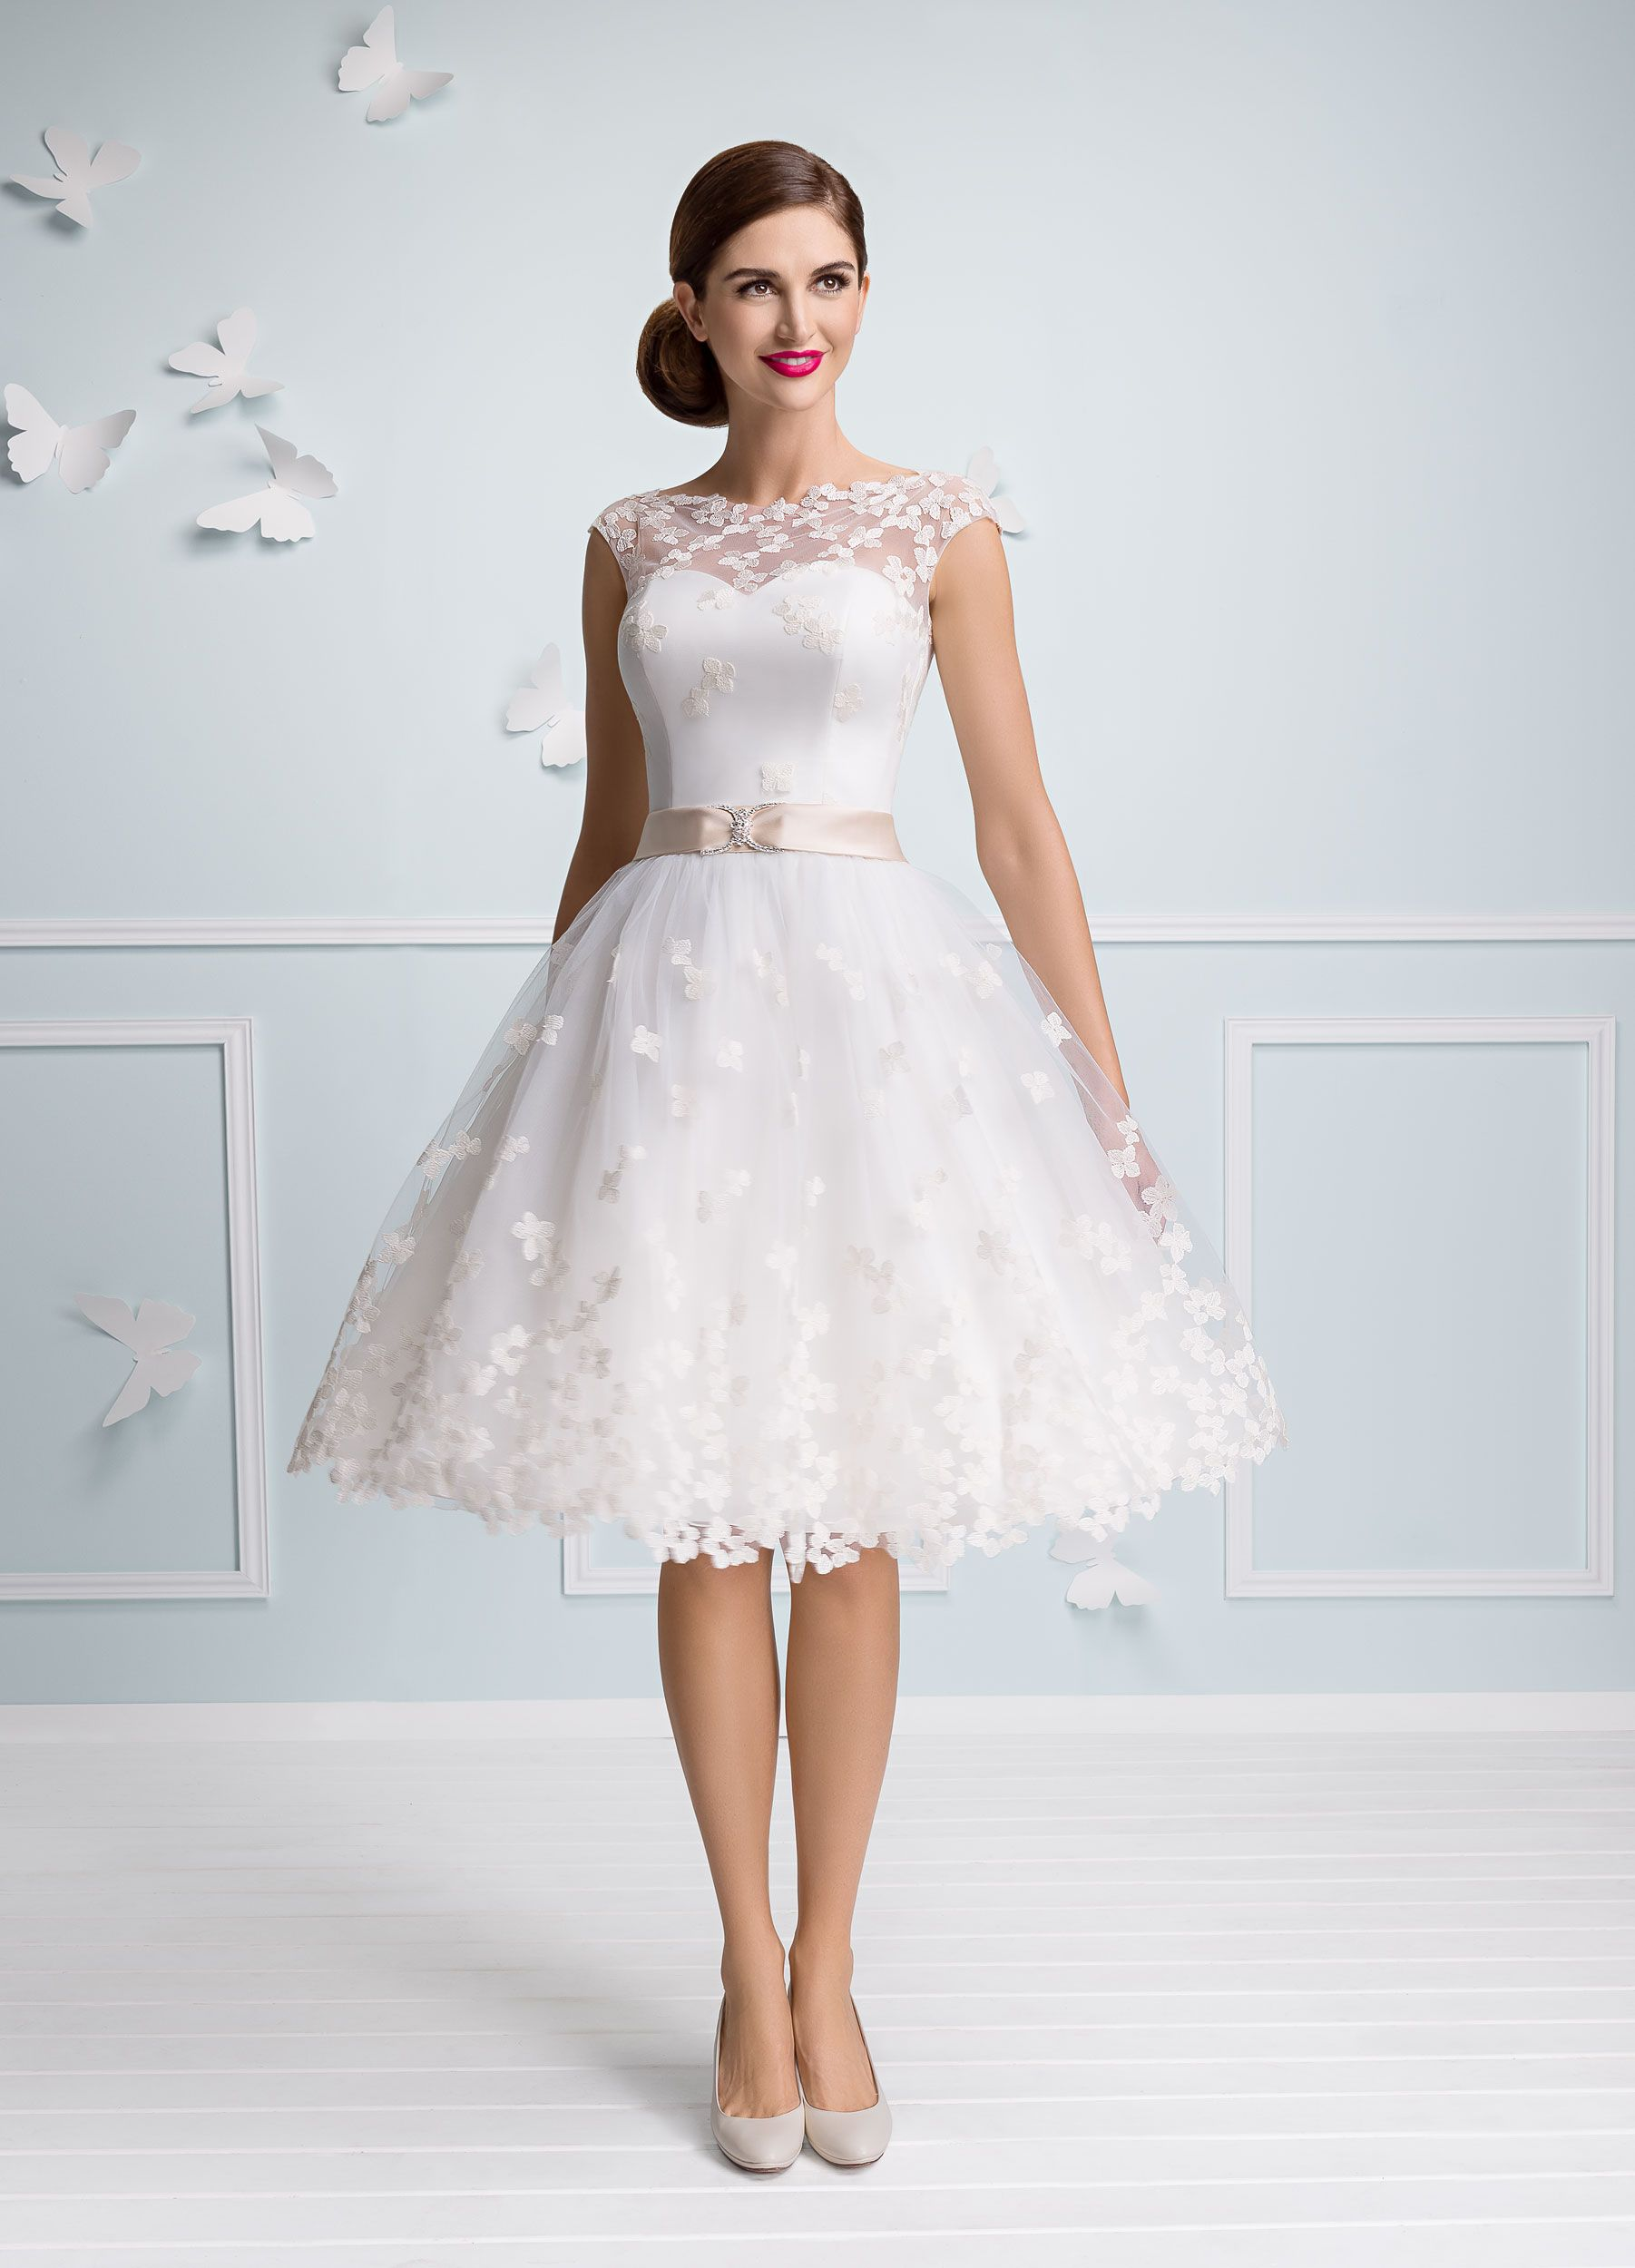 Brautkleider von Elizabeth Passion - bei uns erhältlich